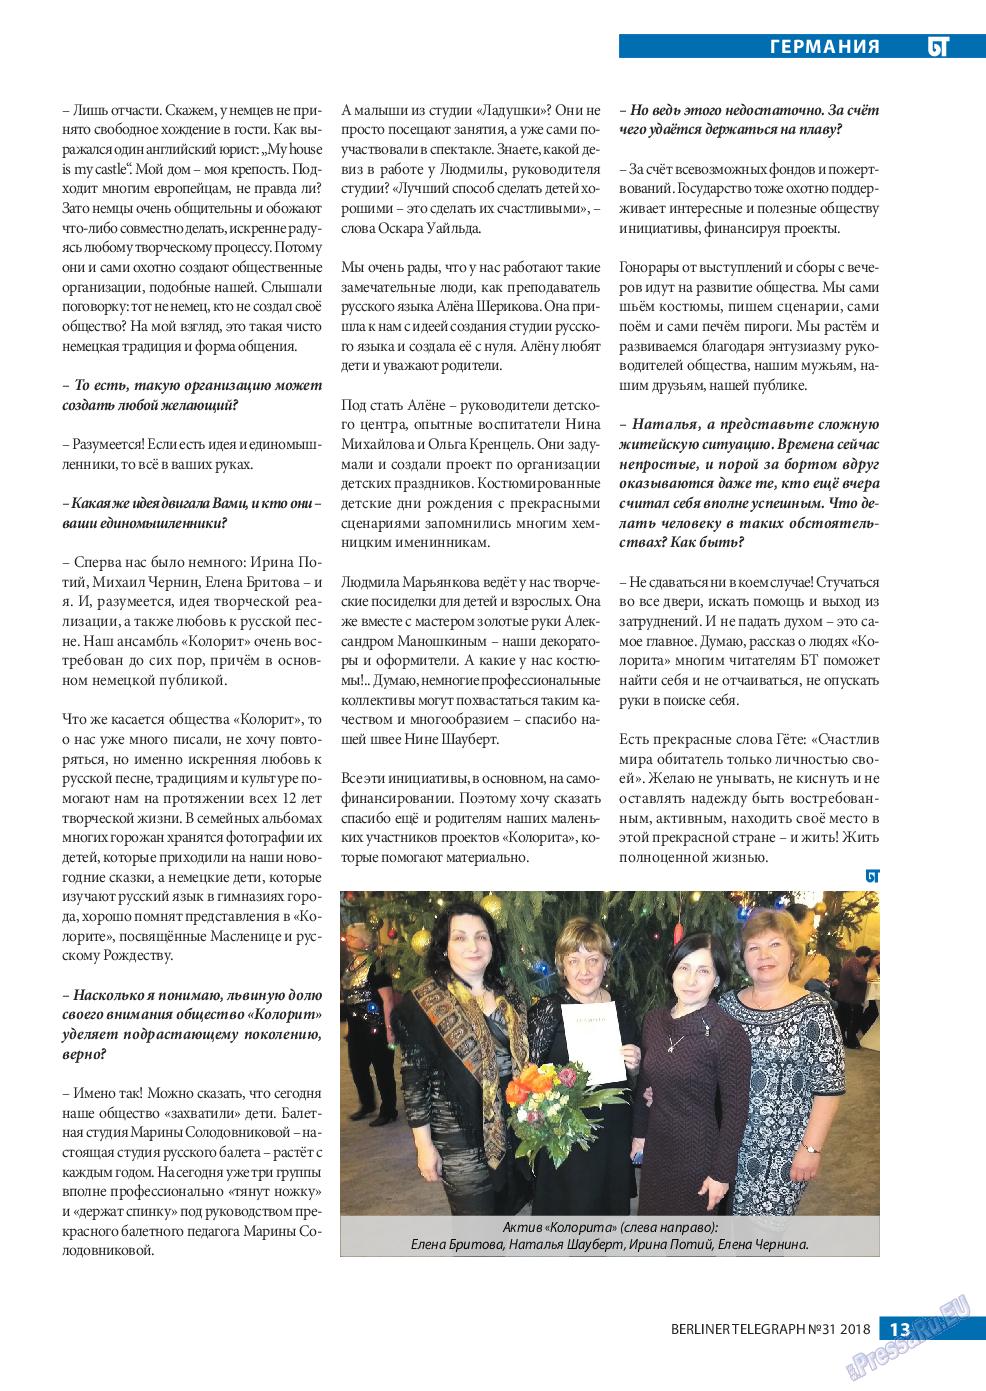 Берлинский телеграф (журнал). 2018 год, номер 31, стр. 13